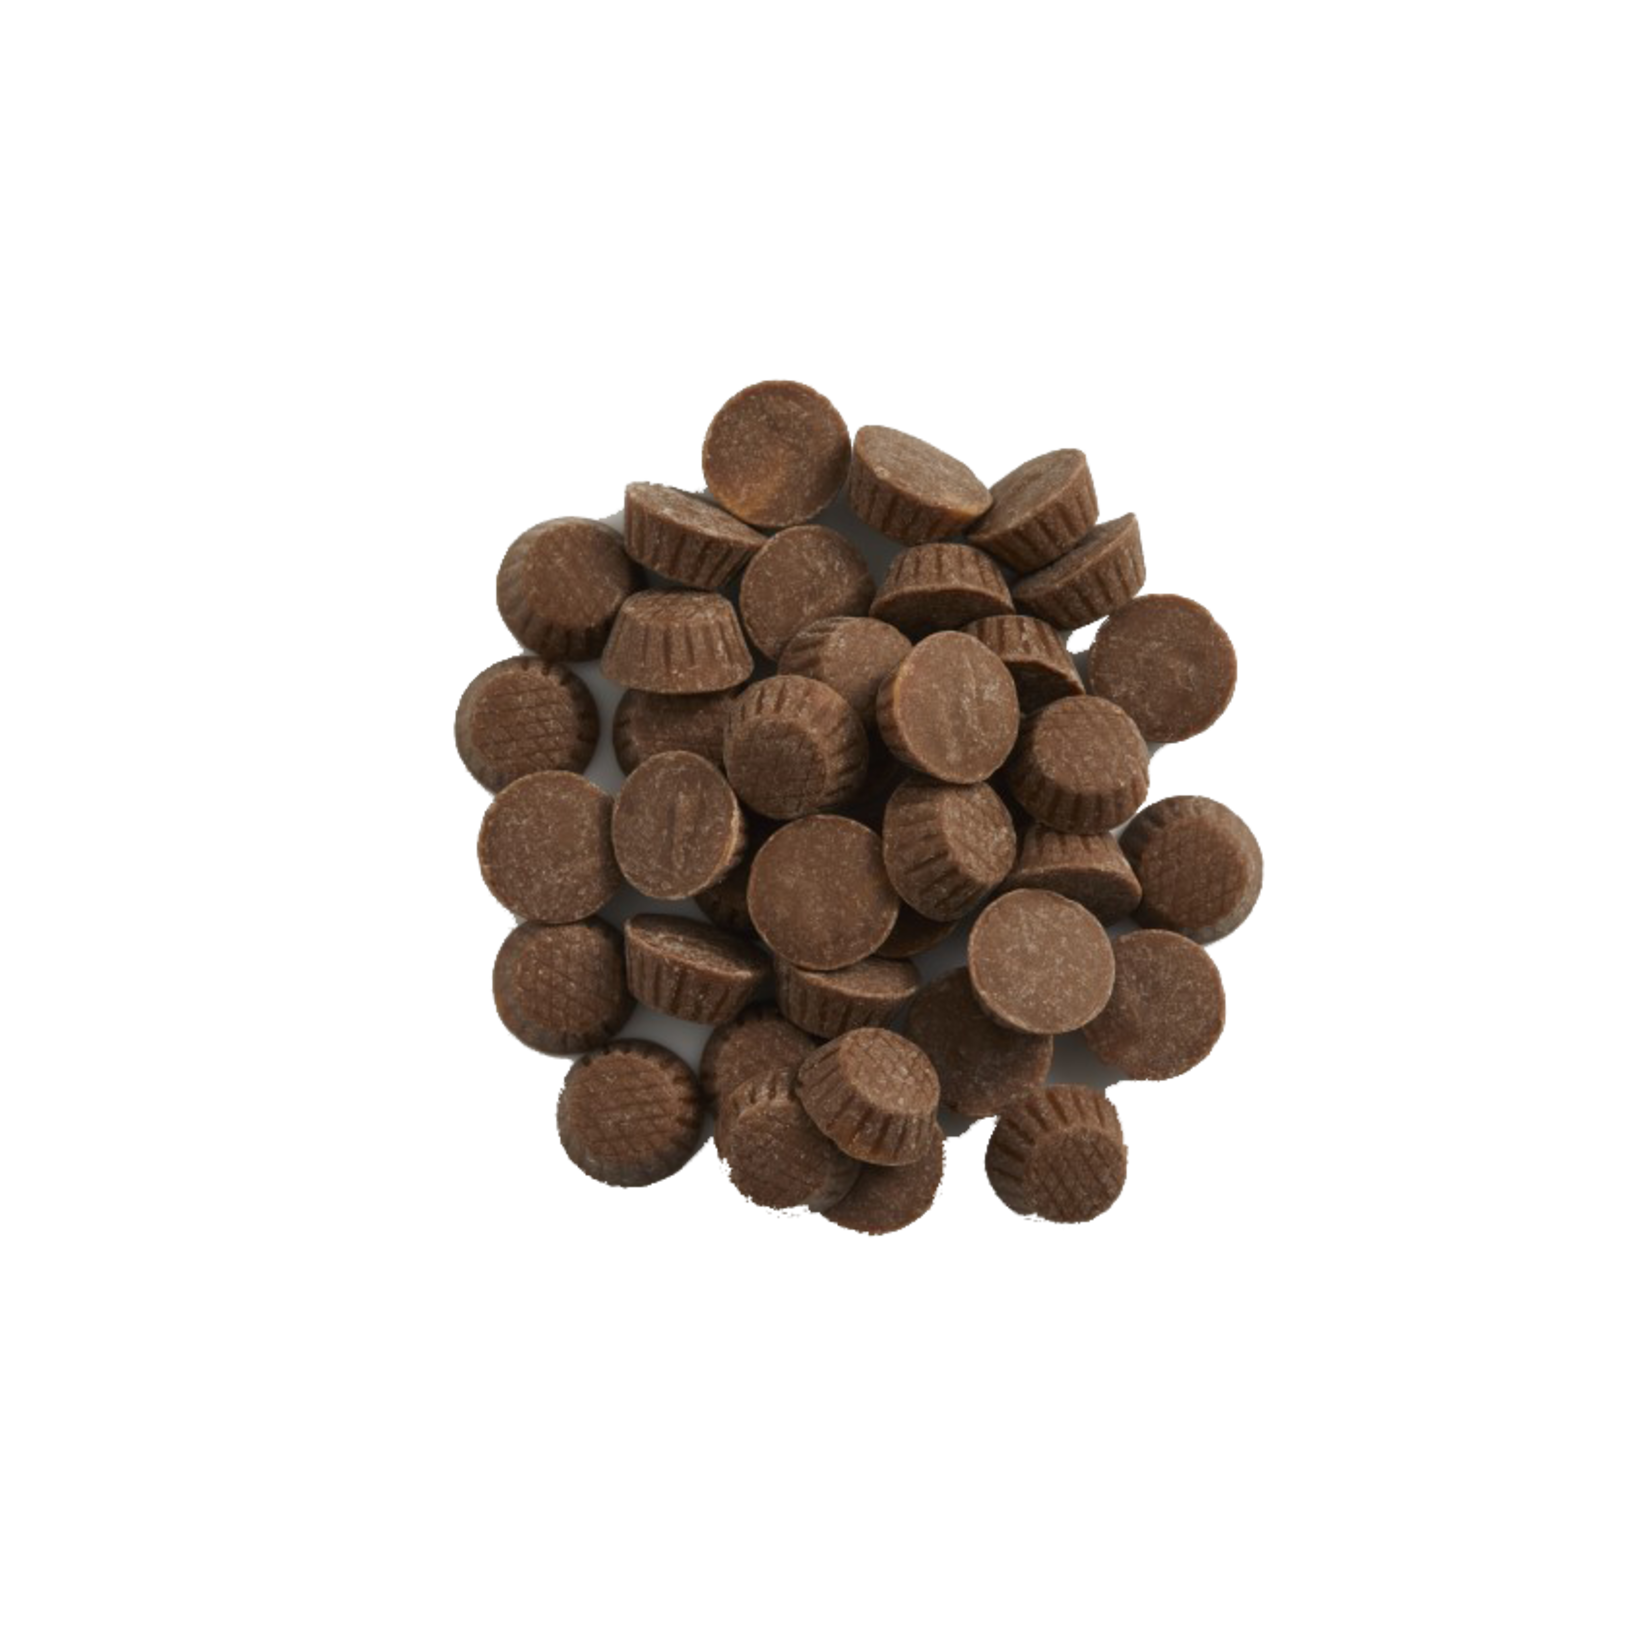 Gertrude Hawk Gertrude Hawk - Milk Chocolate Mini Peanut Butter Cups, 10lb - CHM-OS-G201236-E14